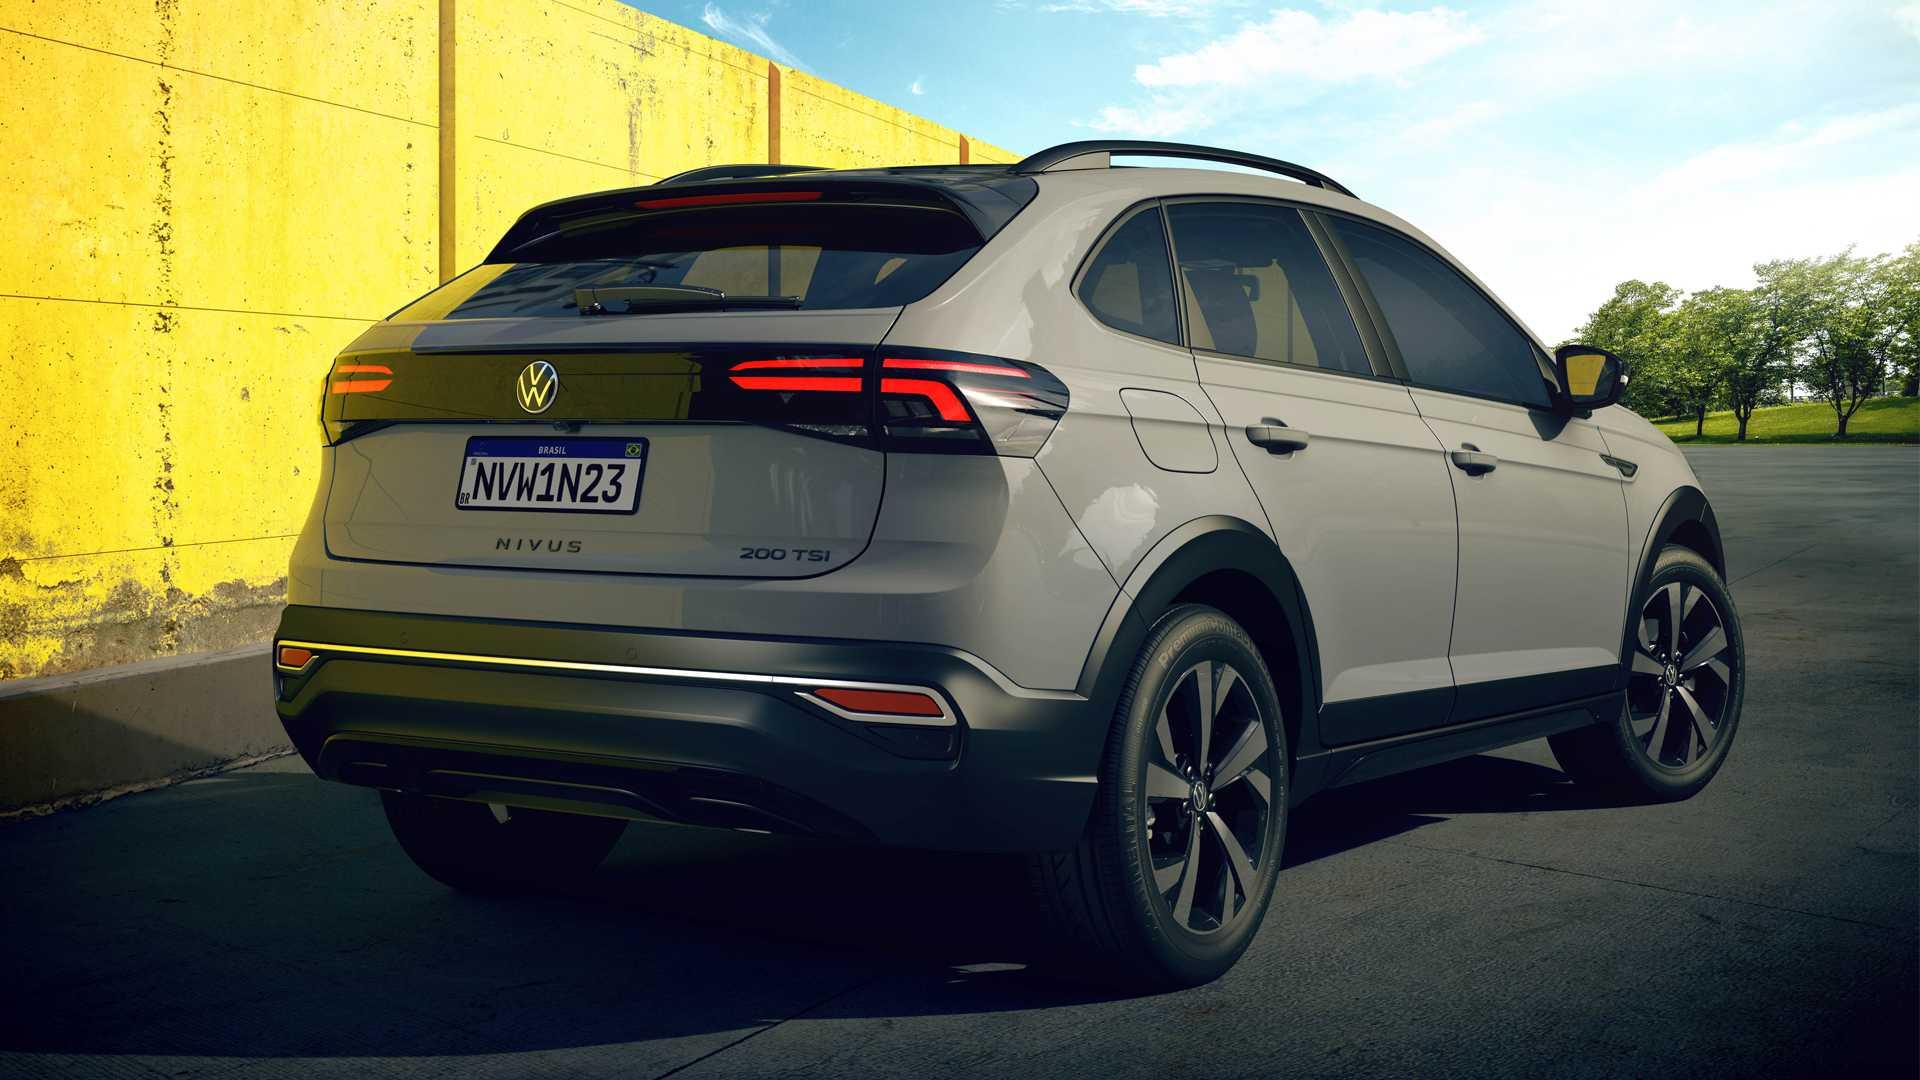 Novo Volkswagen Nivus 2021 - Carros e Consórcios - Ailson Lino